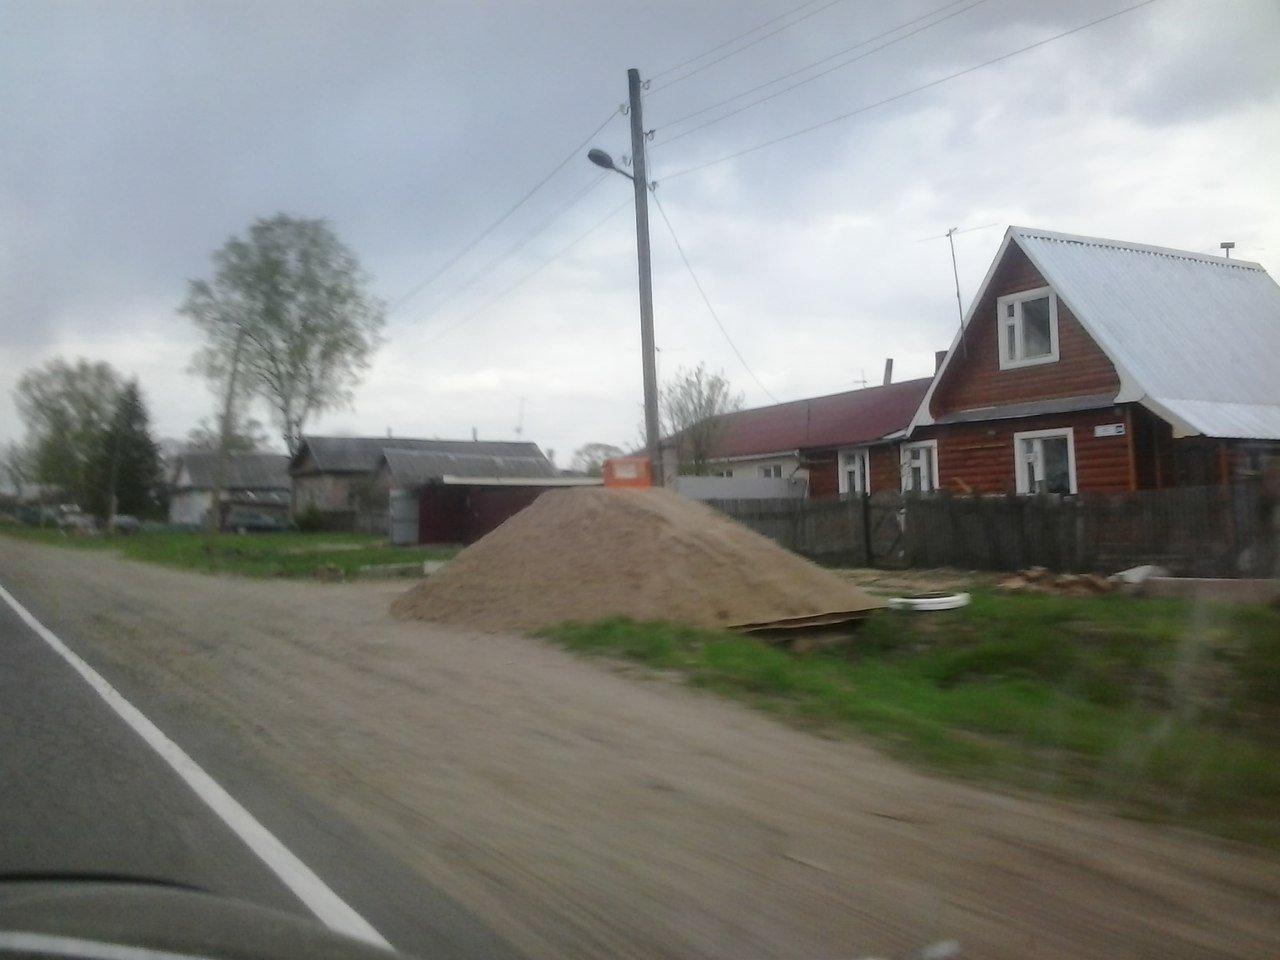 В Кирово-Чепецком районе камеру видеофиксации засыпали песком